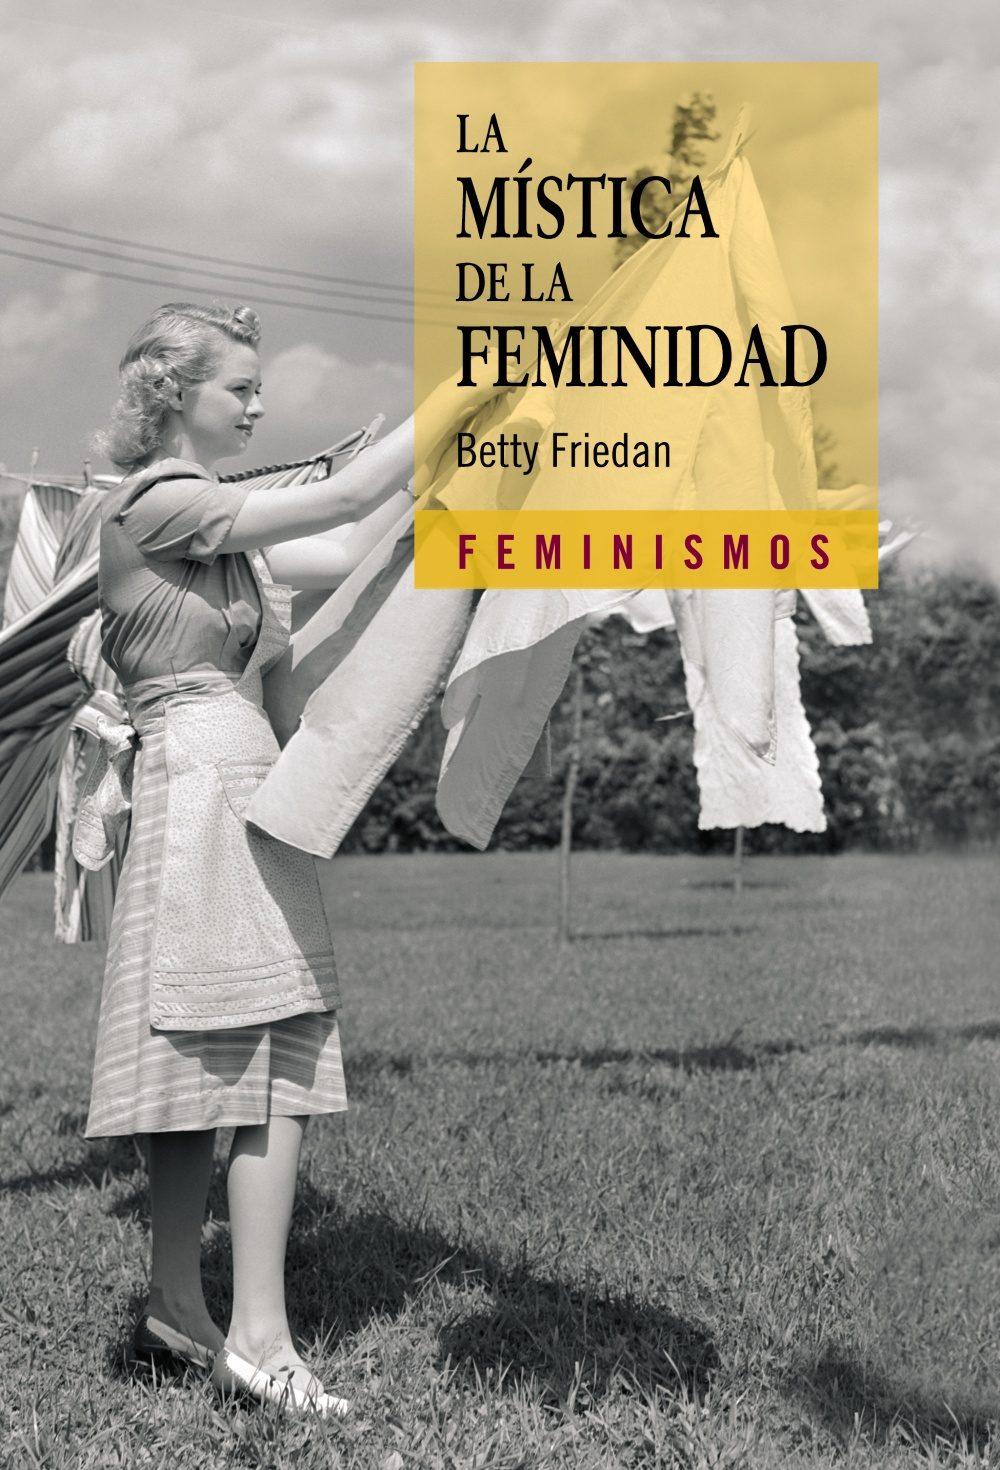 """""""La mística de la feminidad"""", Betty Friedan (1963)"""